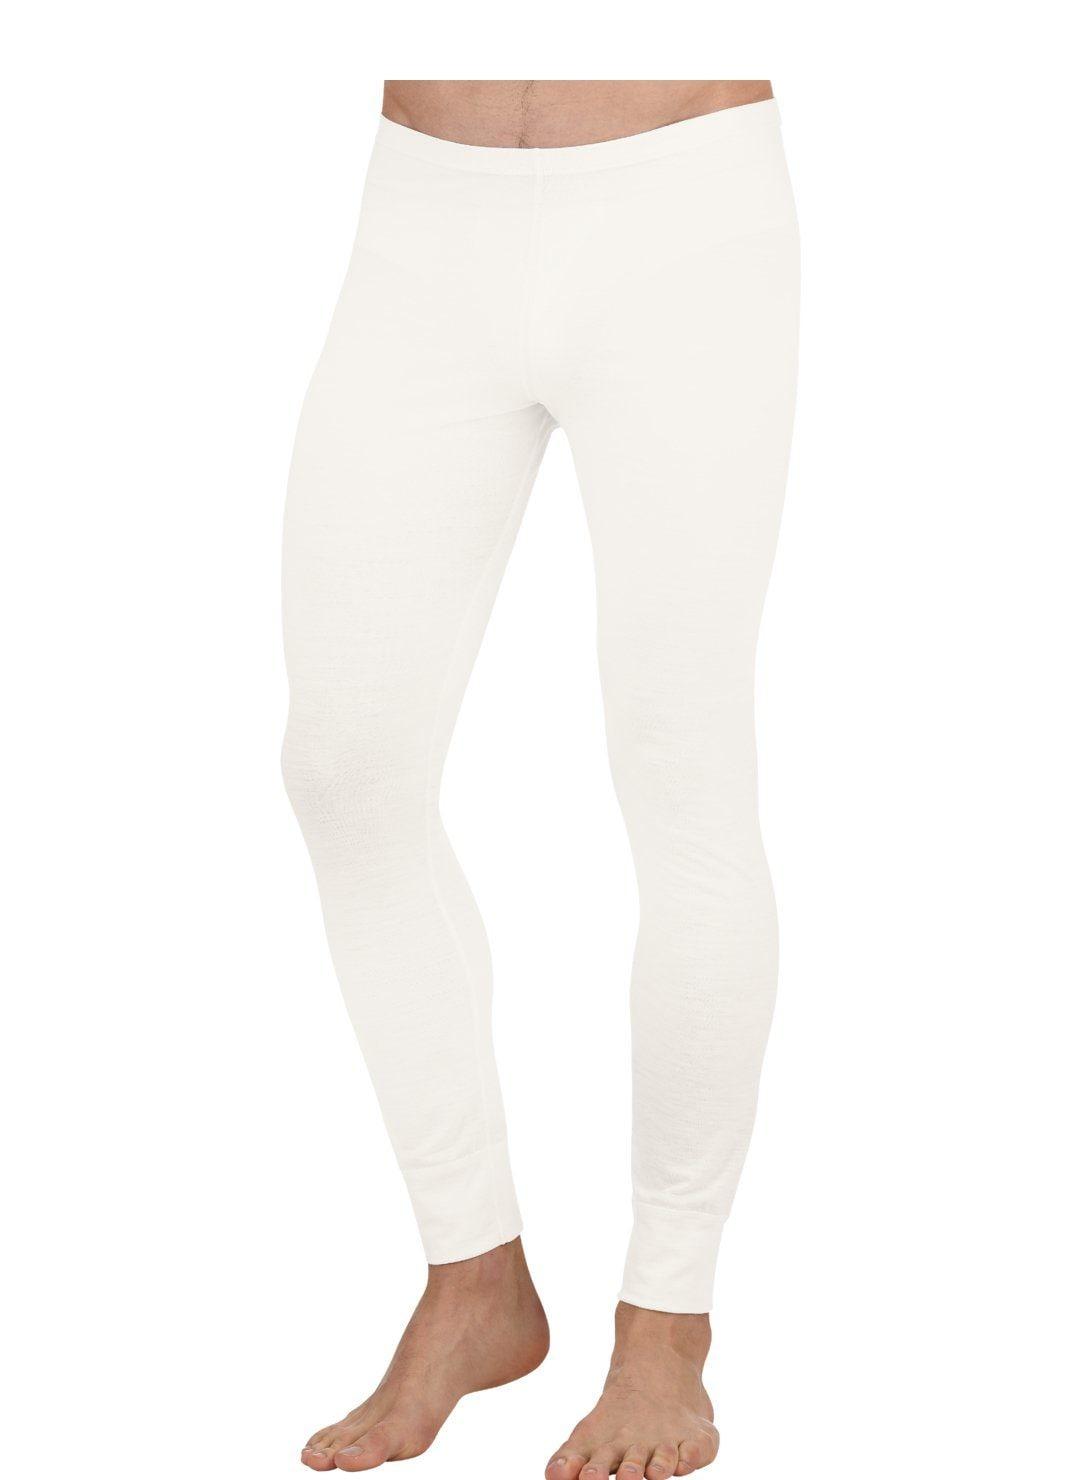 Trigema Lange Ski/Sport Funktionshose aus Merinowolle | Sportbekleidung > Sporthosen > Skihosen | Beige | Trigema